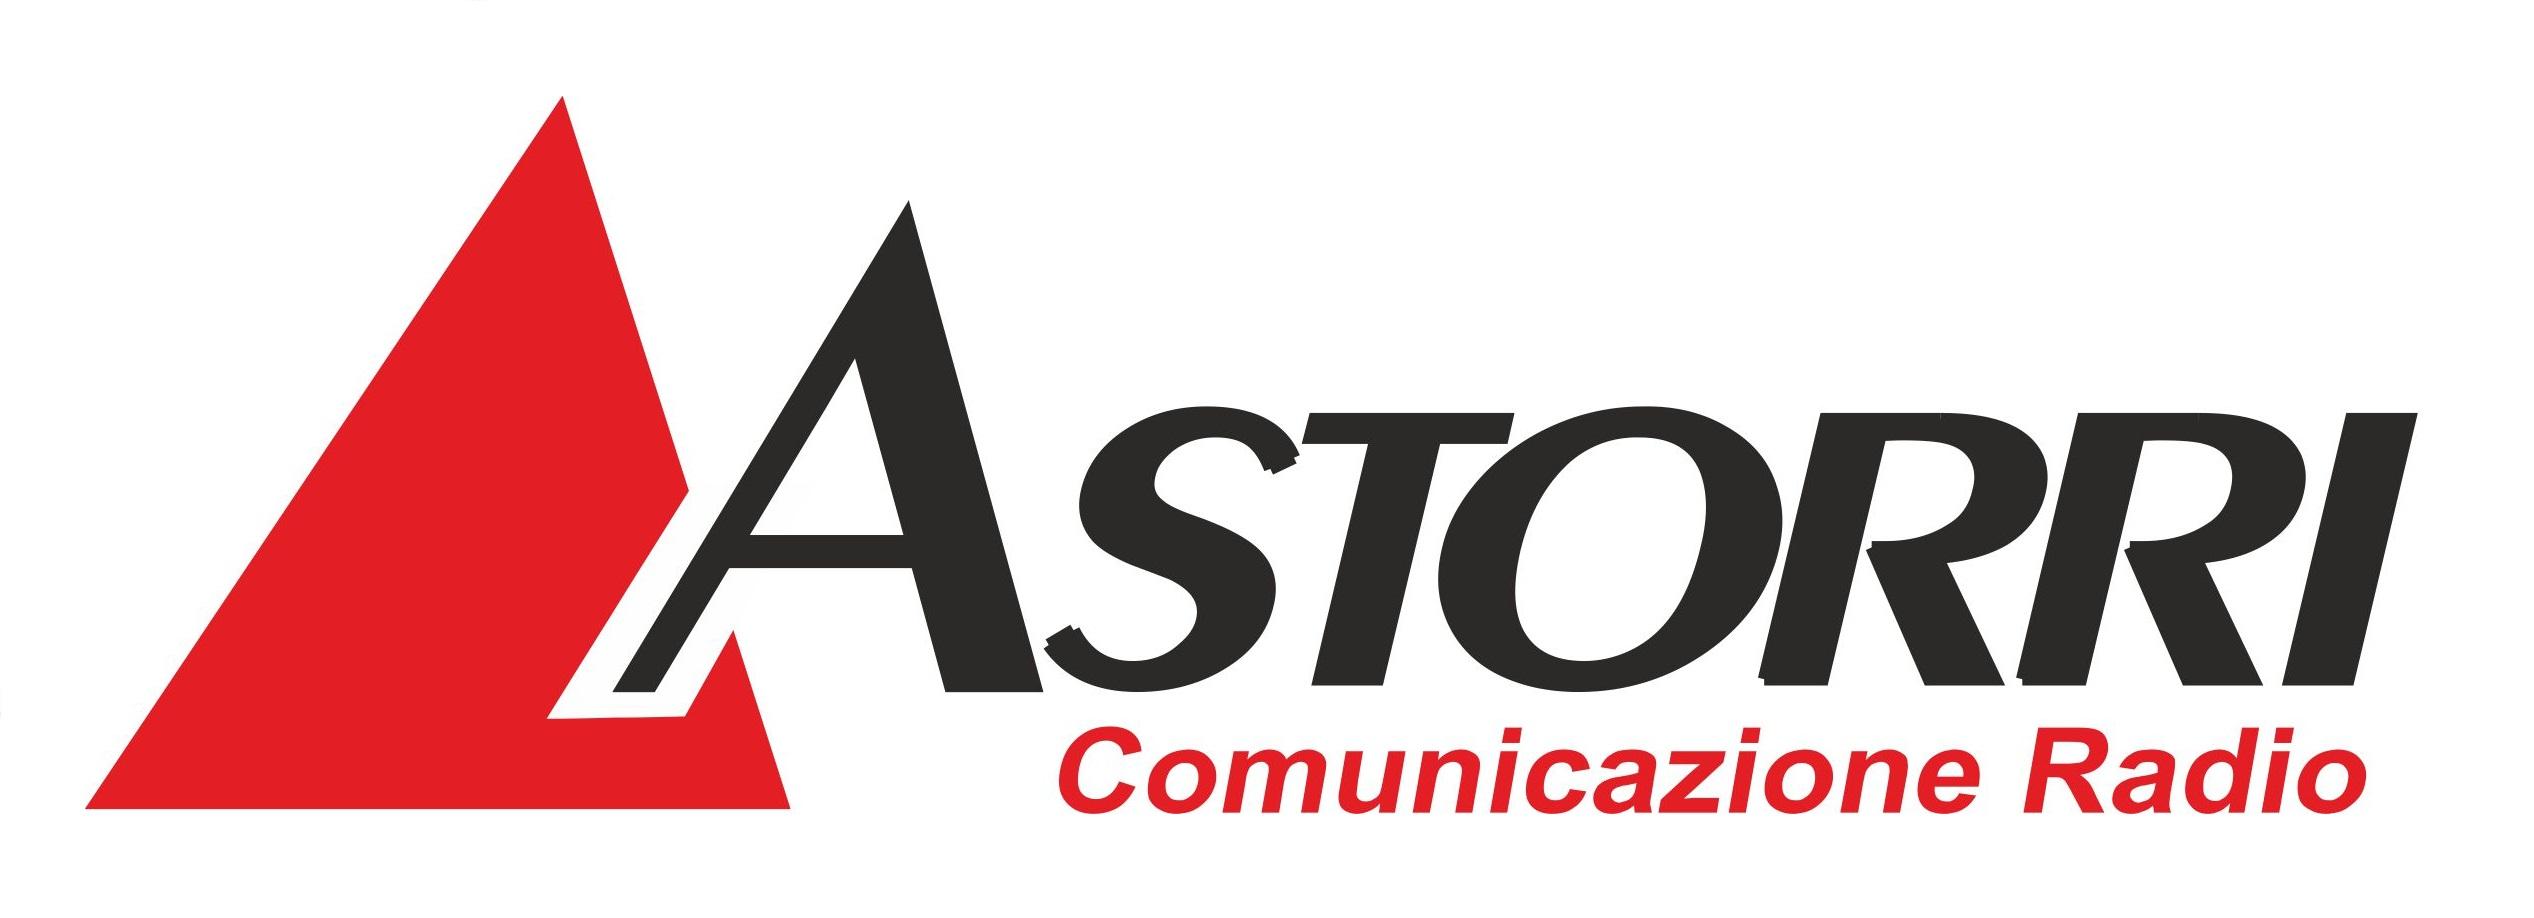 ASTORRI #VivaLaRadio